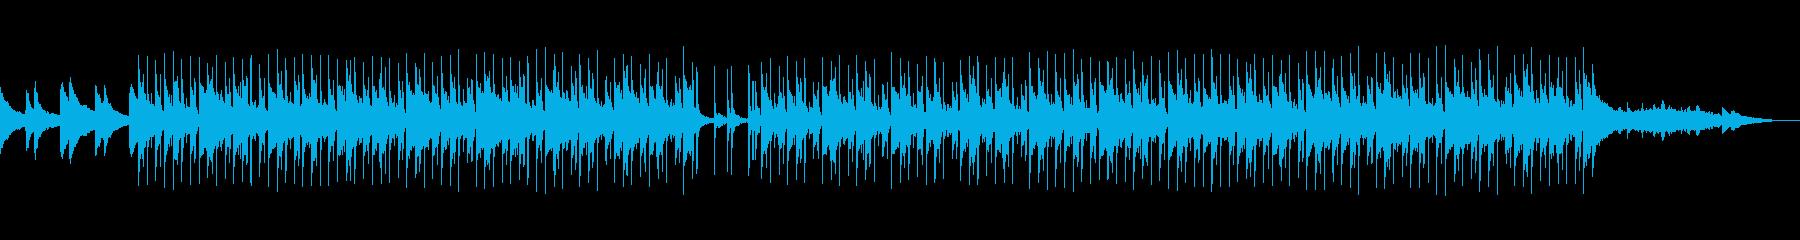 CMなどに 爽やか透明なピアノとリズムの再生済みの波形